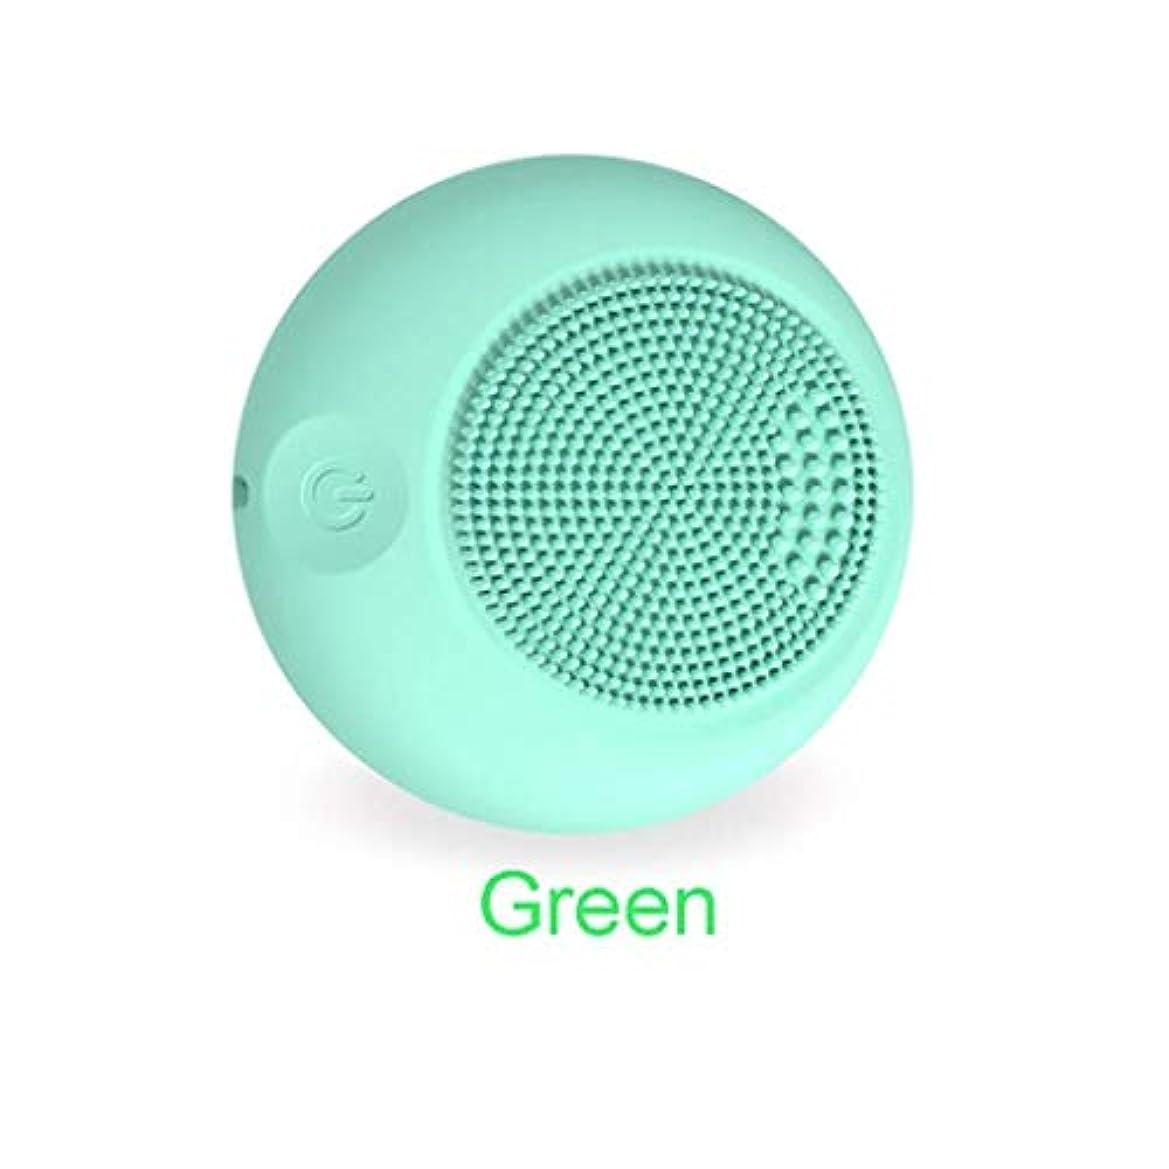 困ったしばしば突破口クレンジングブラシ、電動フェイシャルマッサージ、振動シリコンフェイシャルディープクリーン電気防水マッサージクレンザー (Color : 緑)